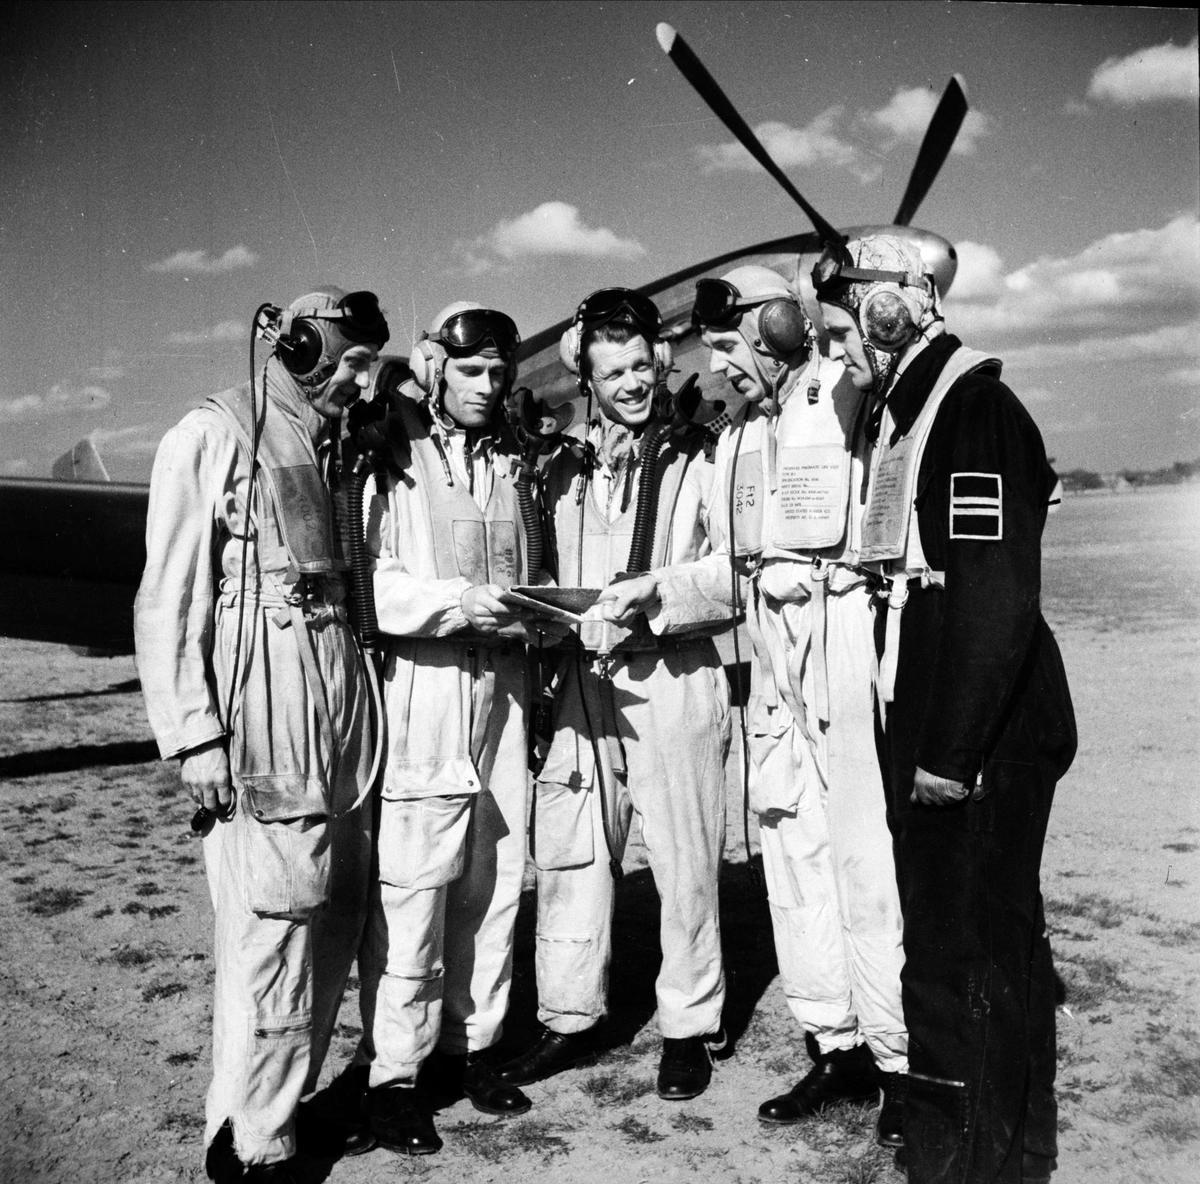 Kadettexamen, sannolikt F 16 Upplands Flygflottilj, Ärna, Uppsala april 1949